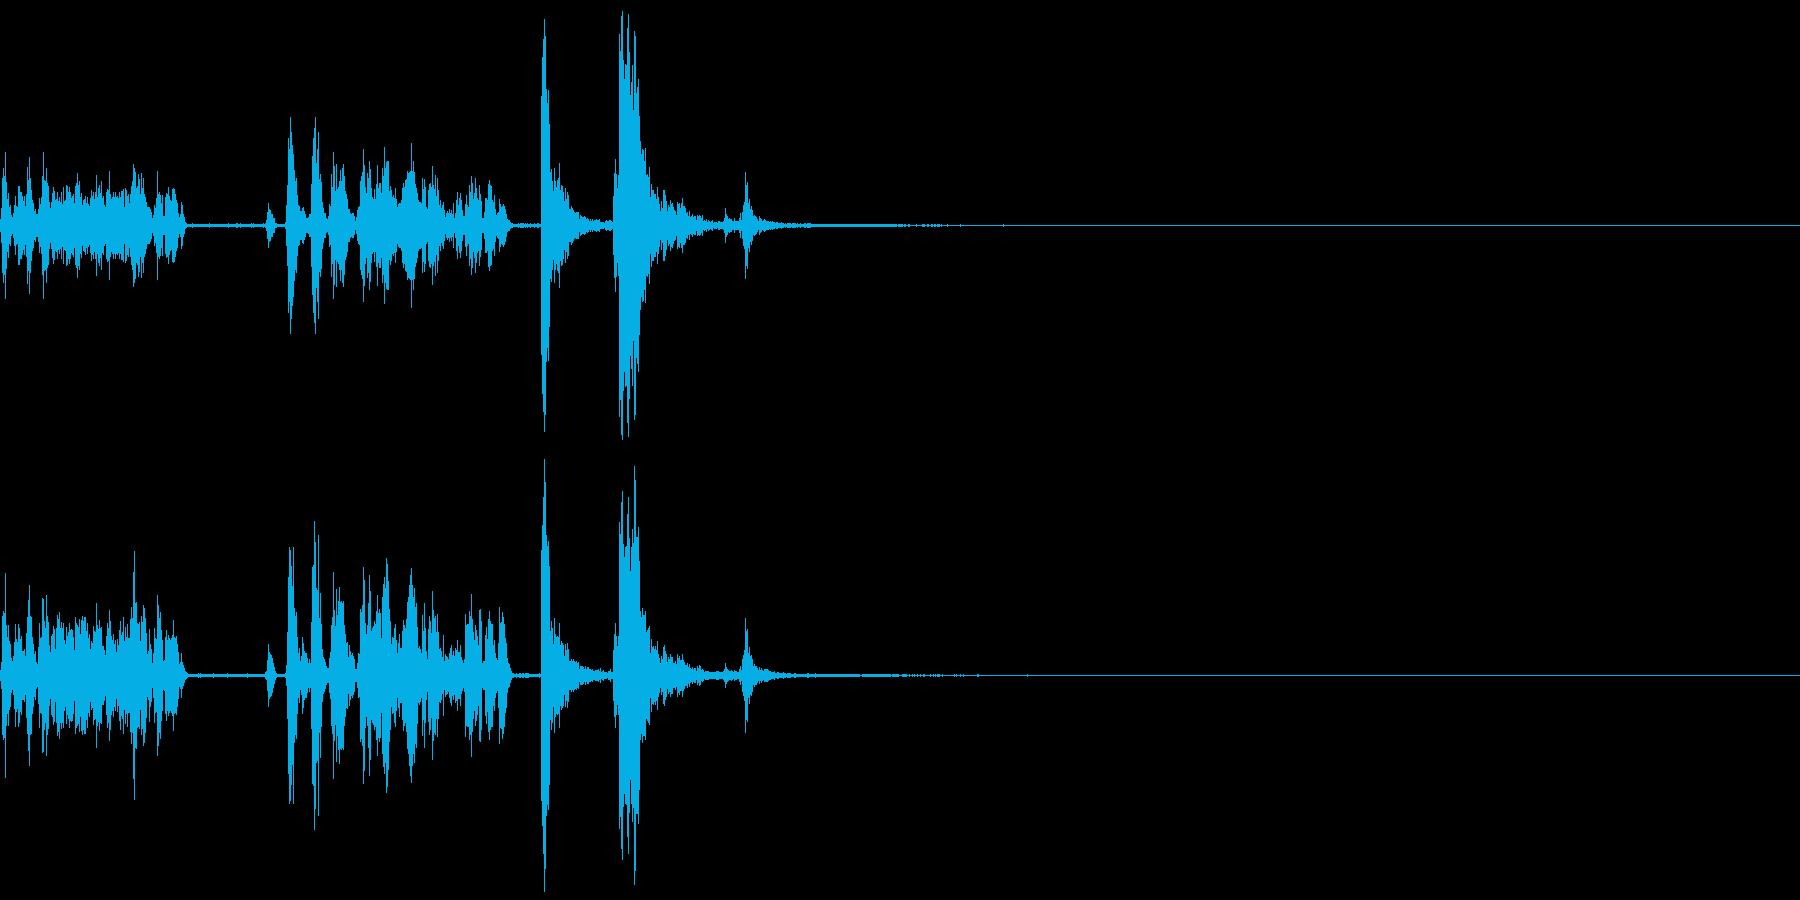 ガラポン ガチャガチャ 遊び くじ引き の再生済みの波形